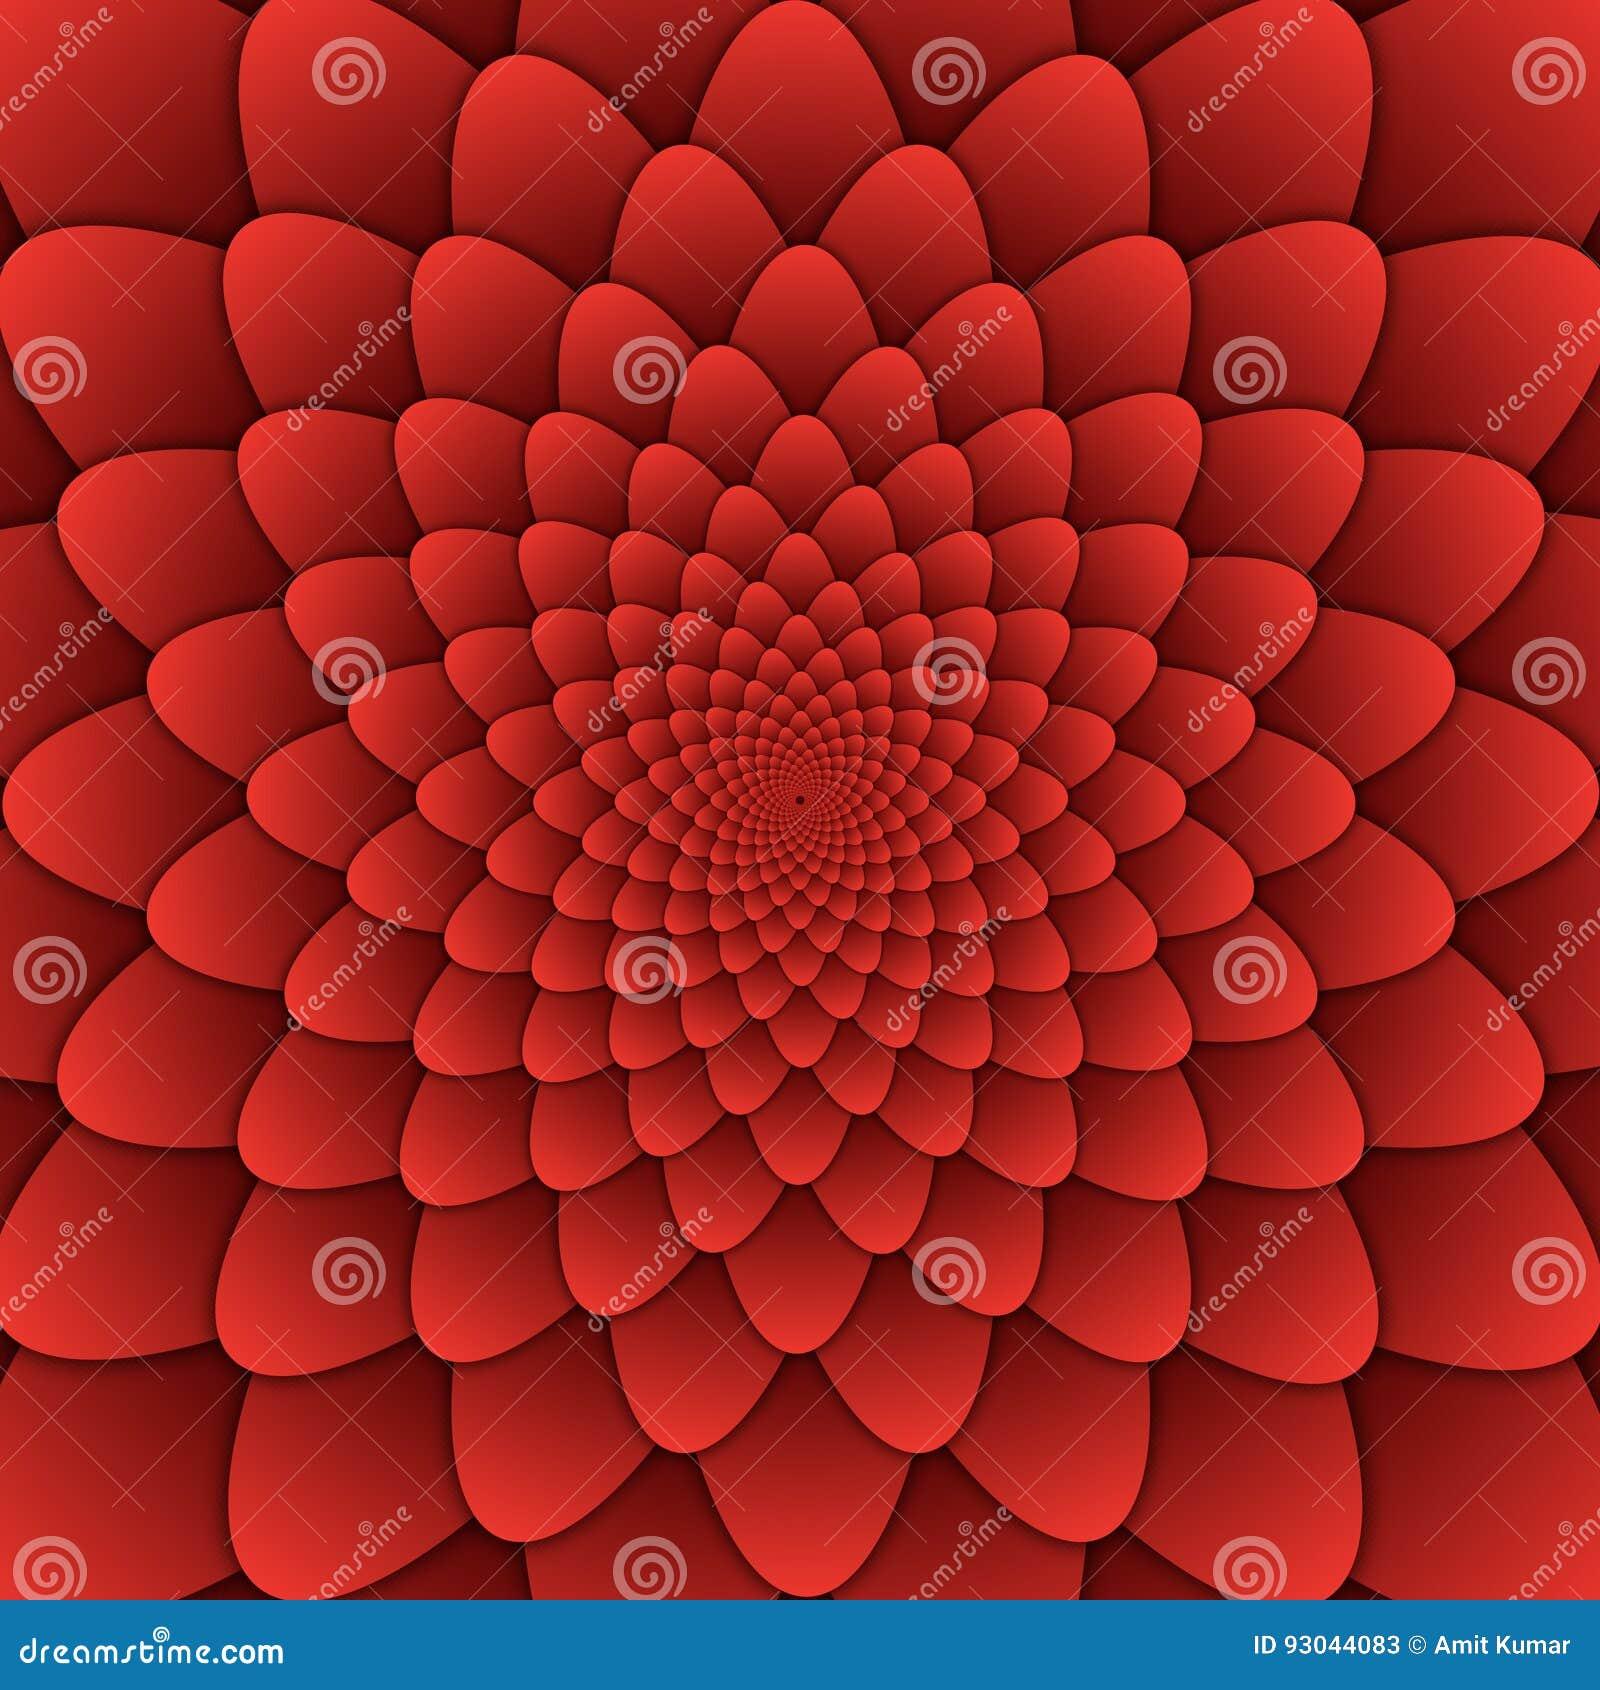 幻觉艺术摘要花坛场装饰样式红色背景正方形